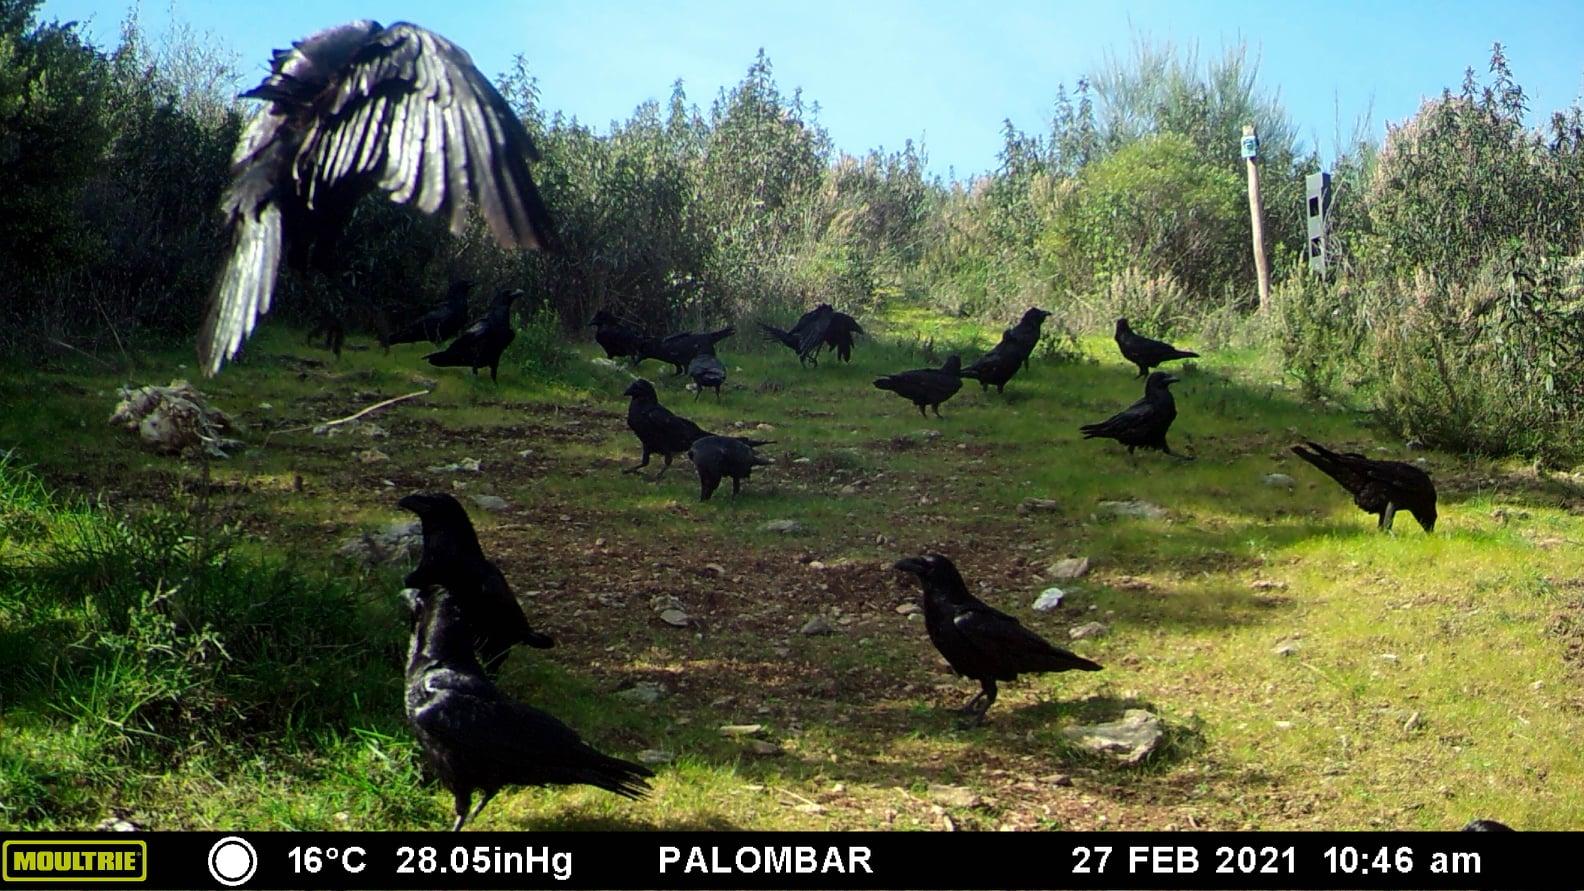 O banquete dos corvos